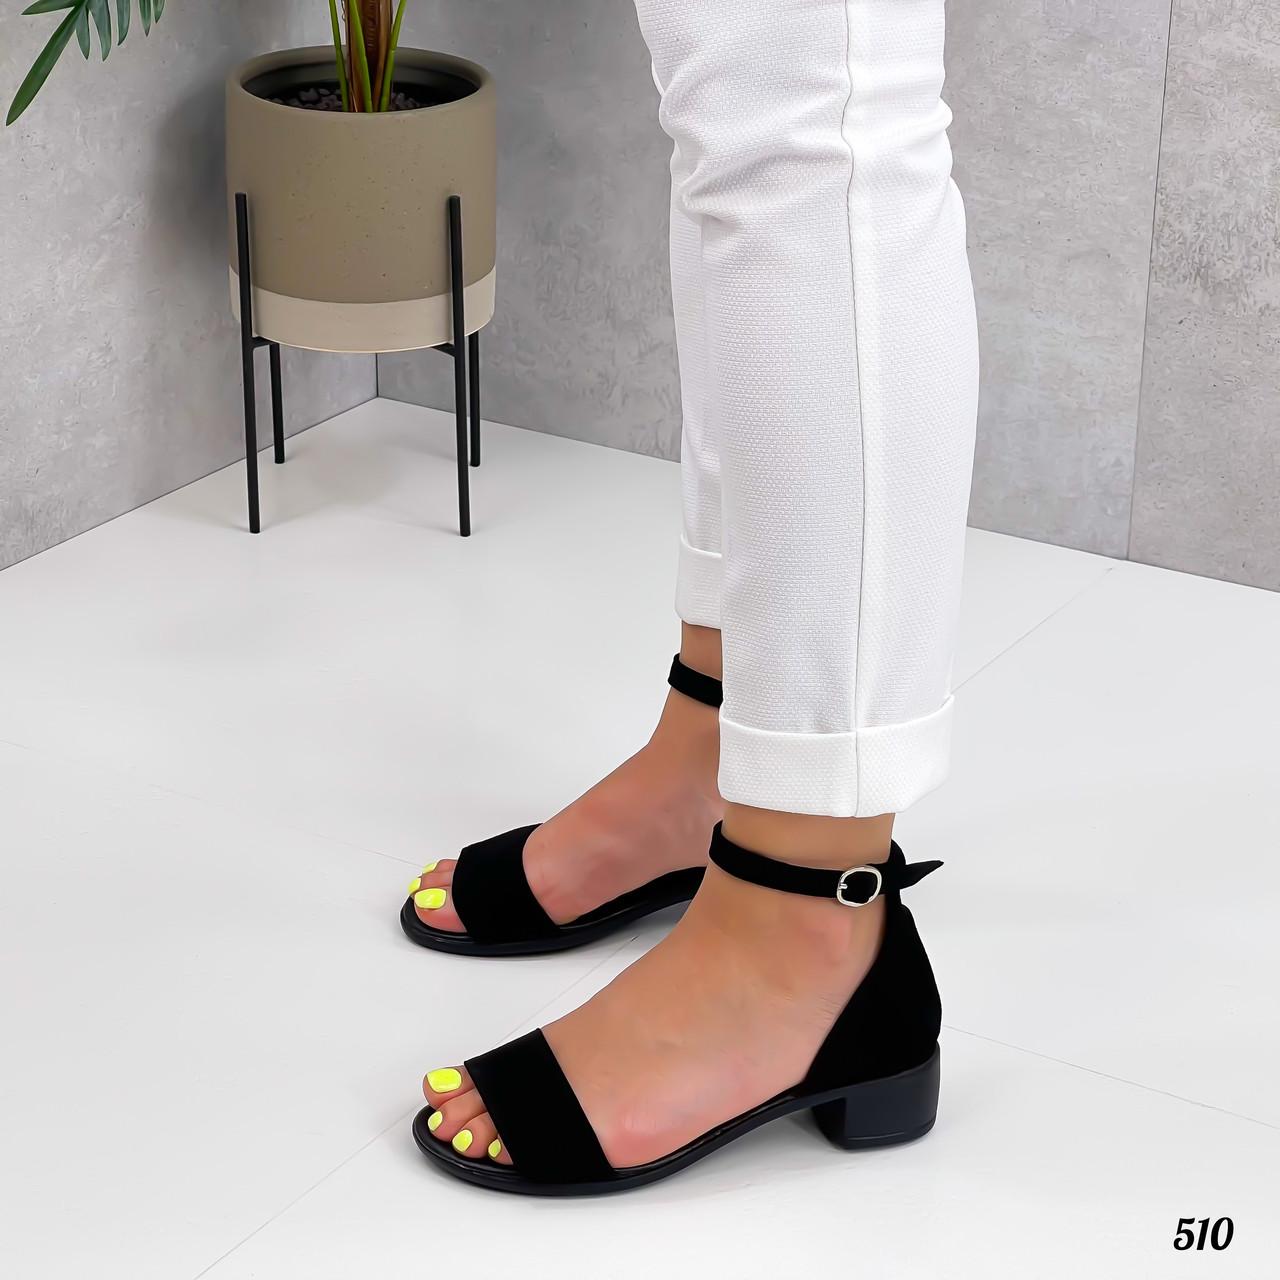 Босоножки женские черные на каблуке натуральная замша